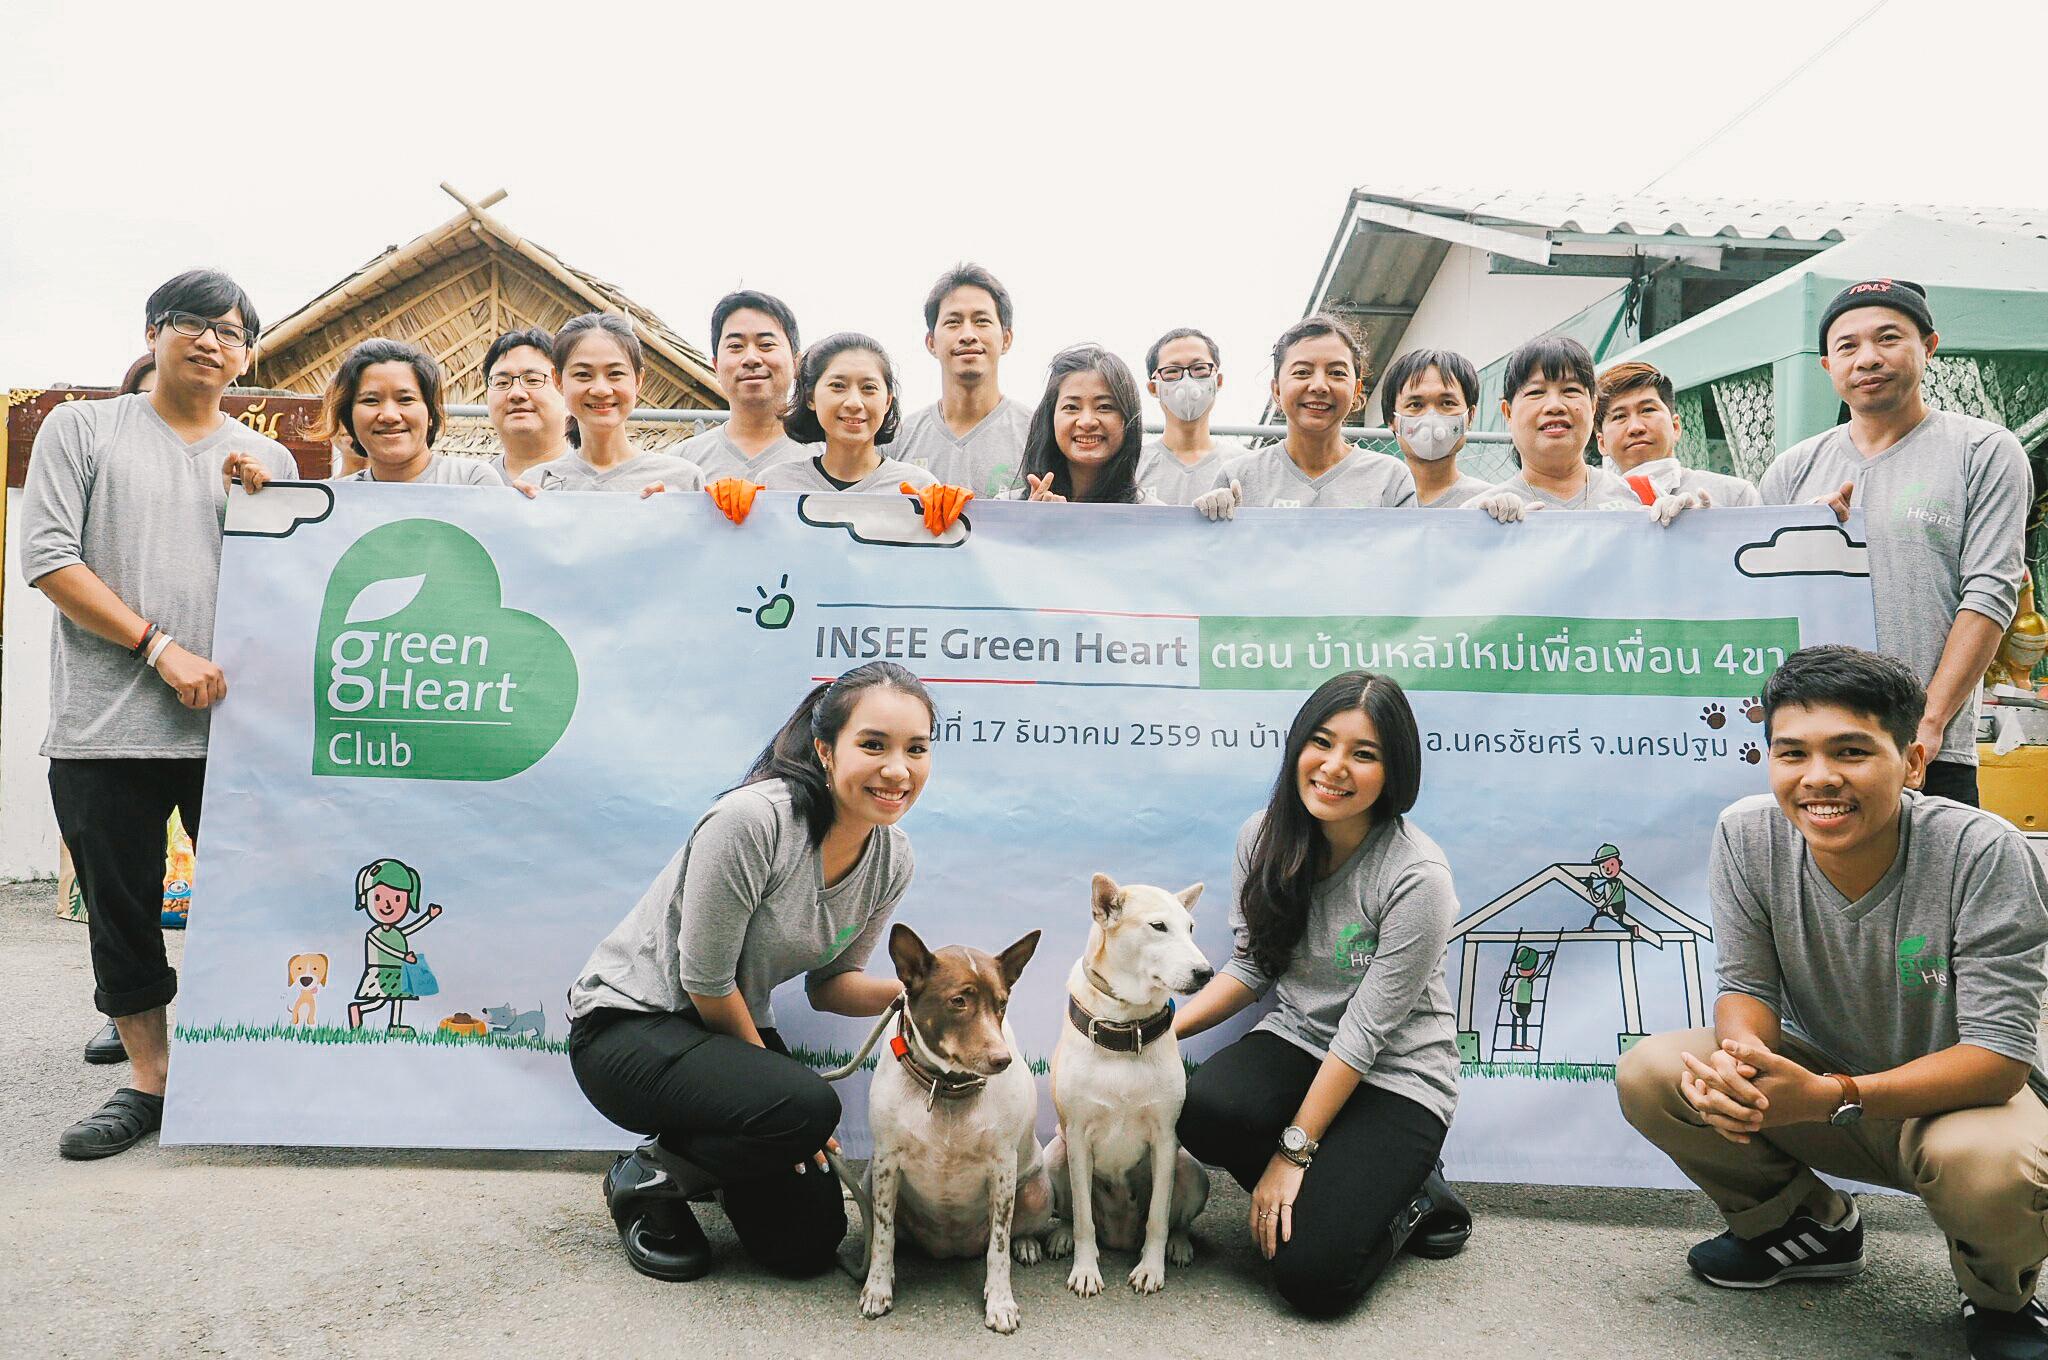 Dogilike.com :: ปูนอินทรีใจดีหยิบยื่นโอกาสให้คนรักน้องหมาส่งต่อโอกาสทำความดีได้ไม่รู้จบ